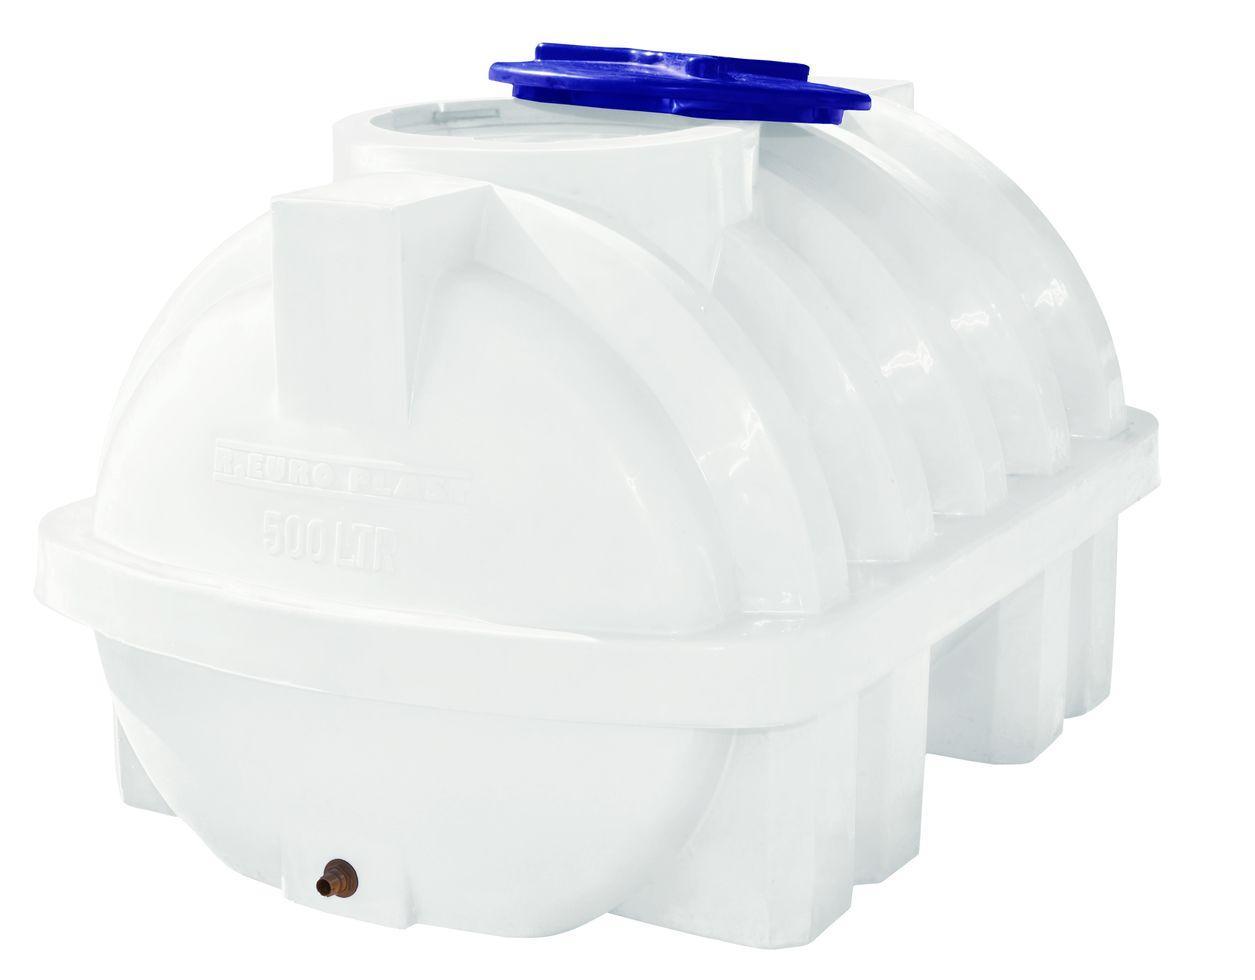 Бак, бочка, емкость 500 литров пищевая горизонтальная усиленная с ребром RGО Р